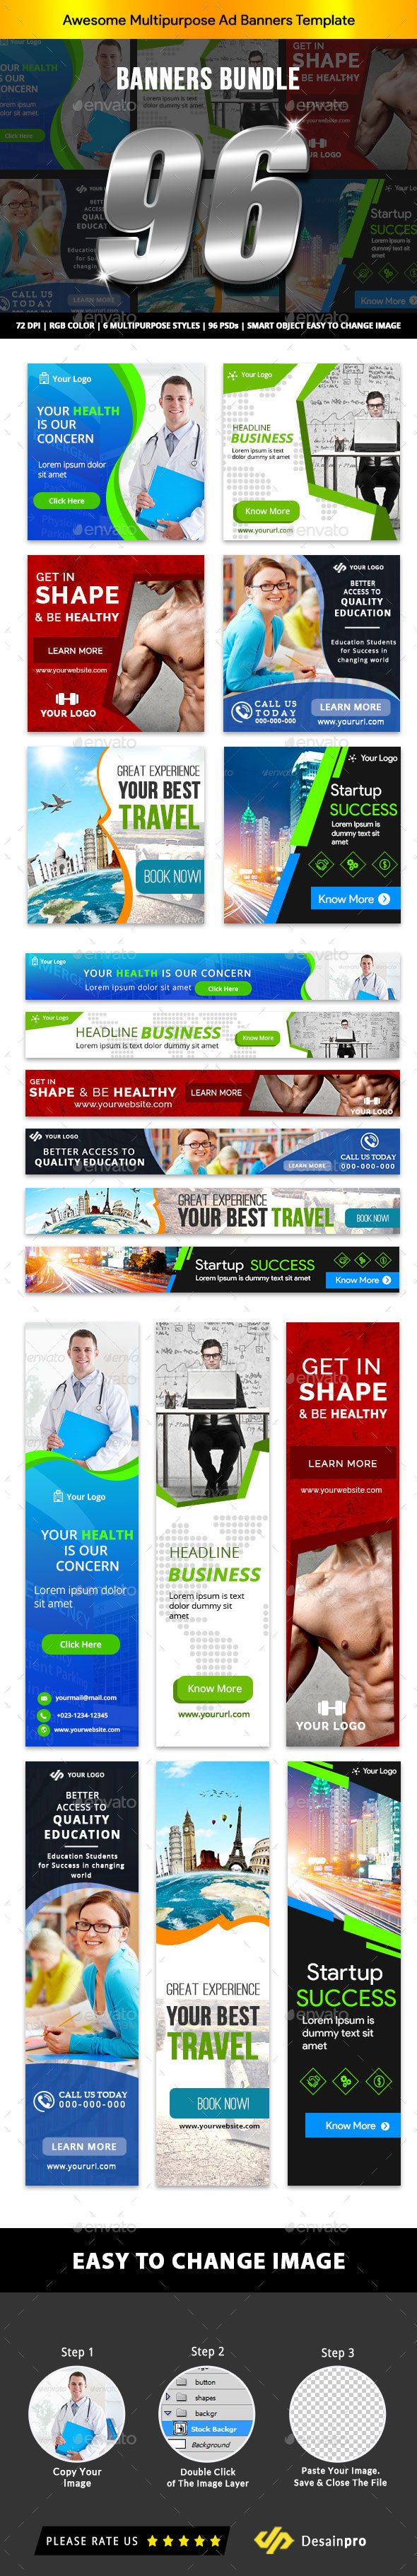 Banner Ads Bundle V1 - AR #Ads, #Banner, #Bundle, #AR